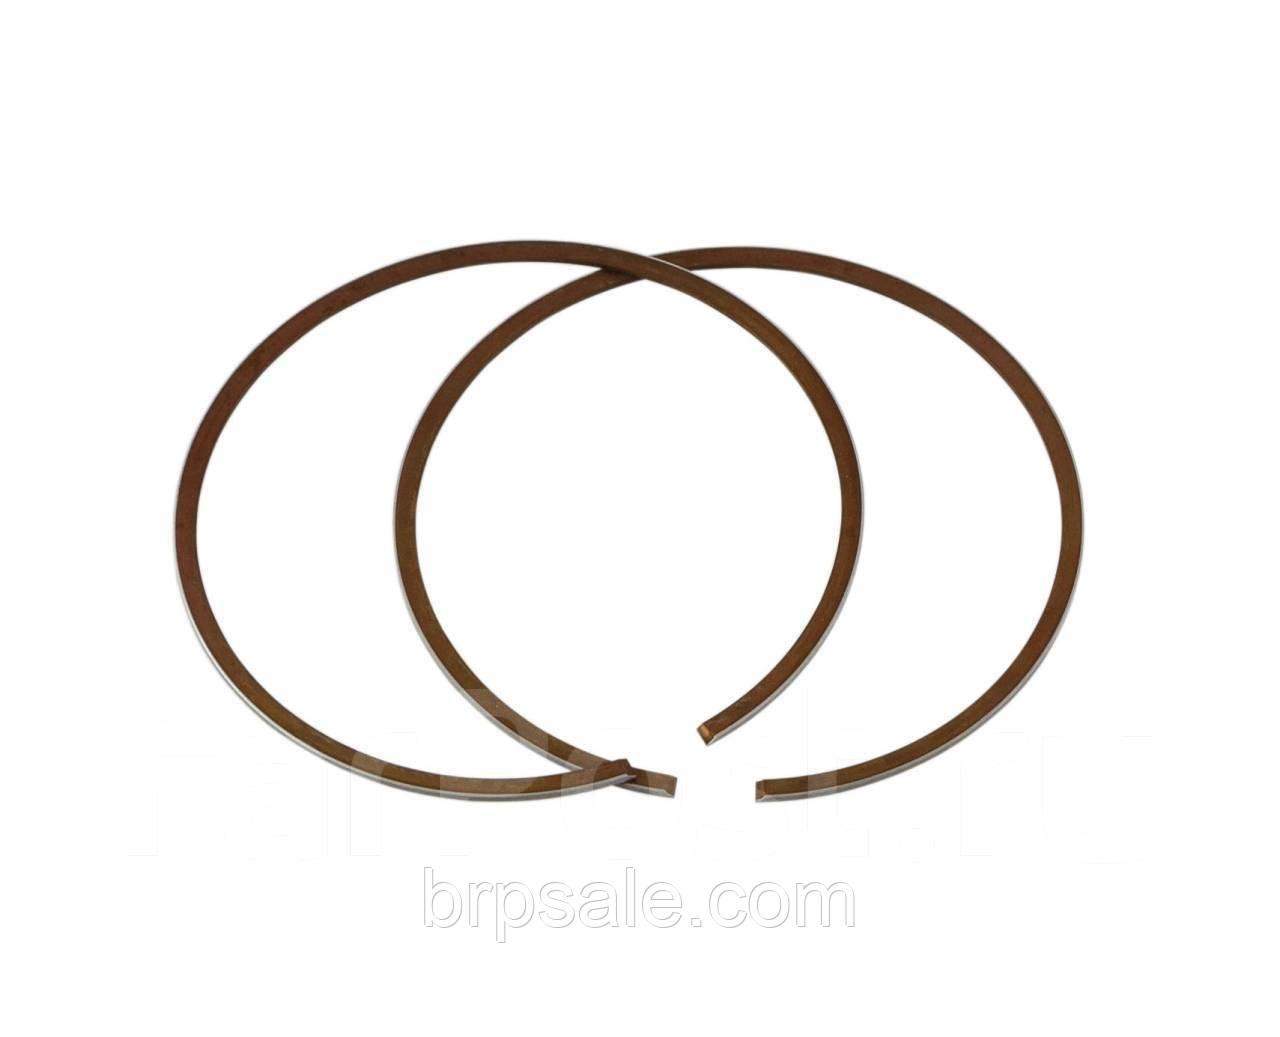 Поршневое кольцо Sea-Doo BRP SEGMENT R *RING-R